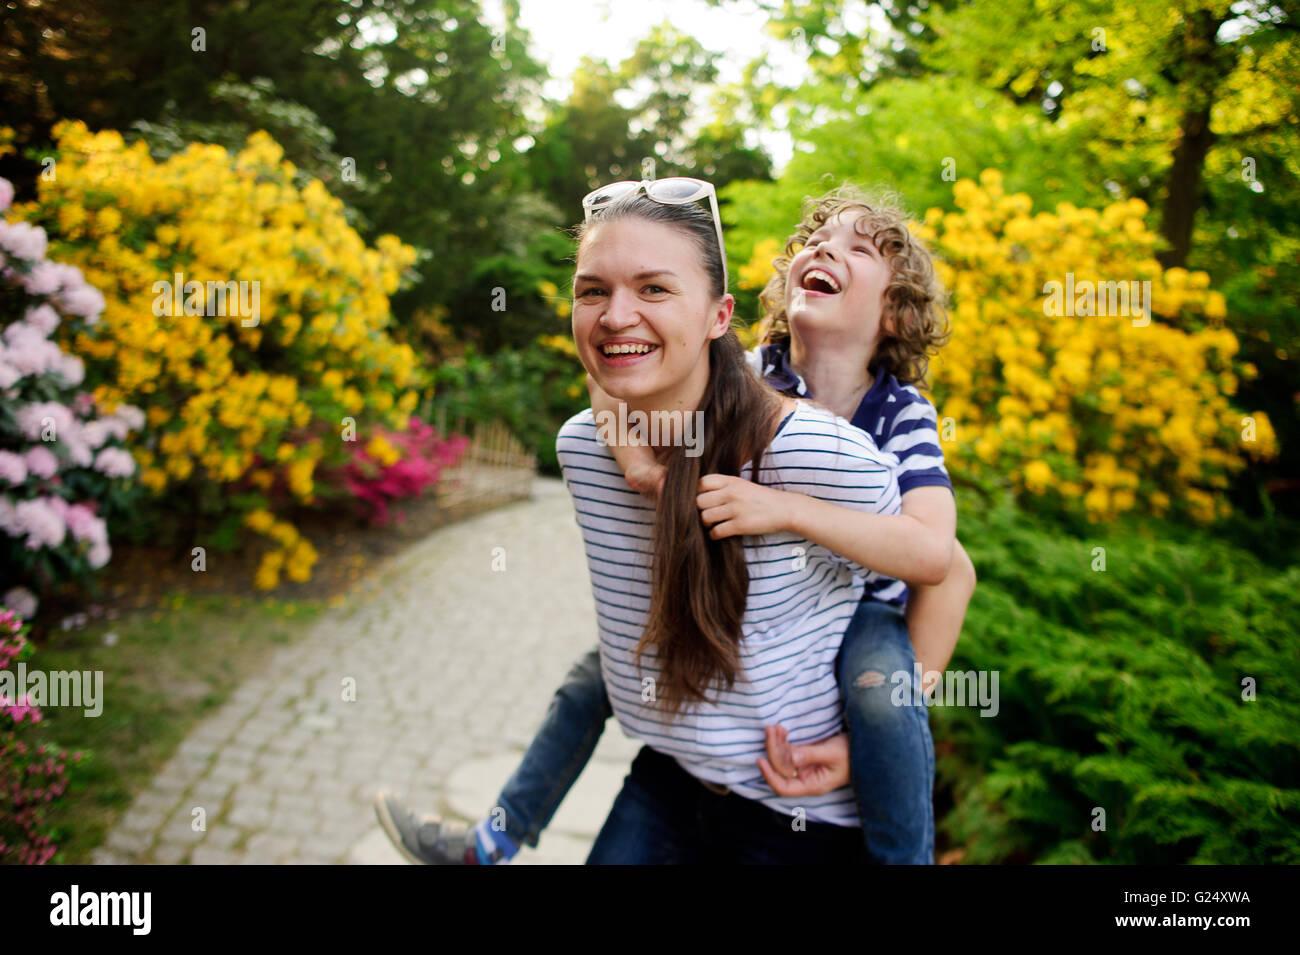 Fille jouant avec son jeune frère dans le jardin Photo Stock